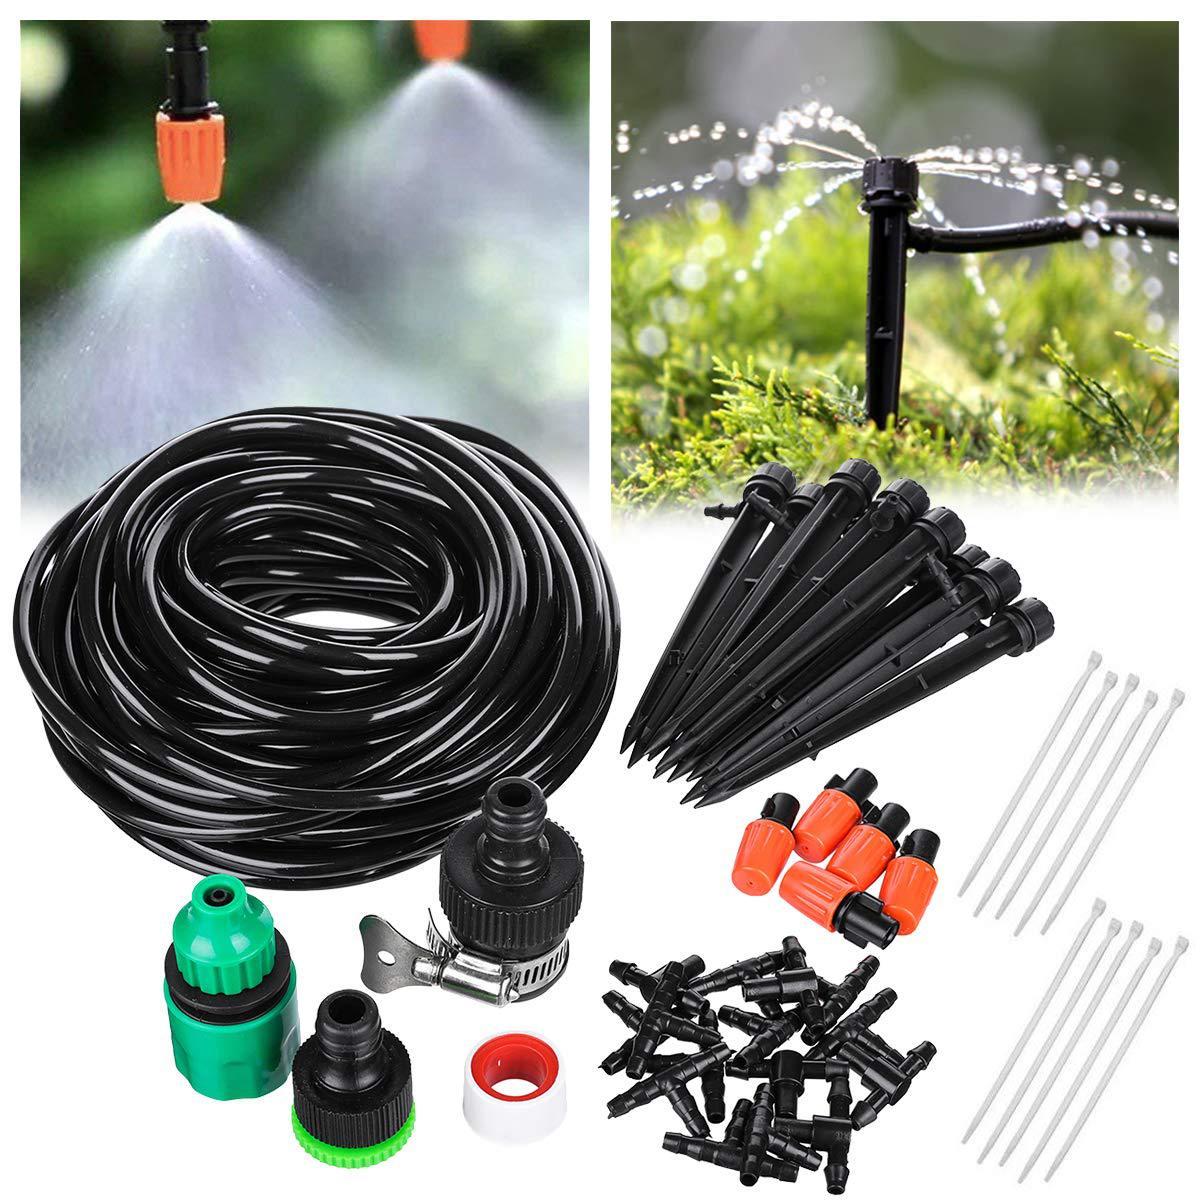 20 M bricolage système d'irrigation goutte à goutte automatique jardin arrosage ensemble d'irrigation Micro goutte à goutte jardin Kits d'arrosage avec goutteurs réglables